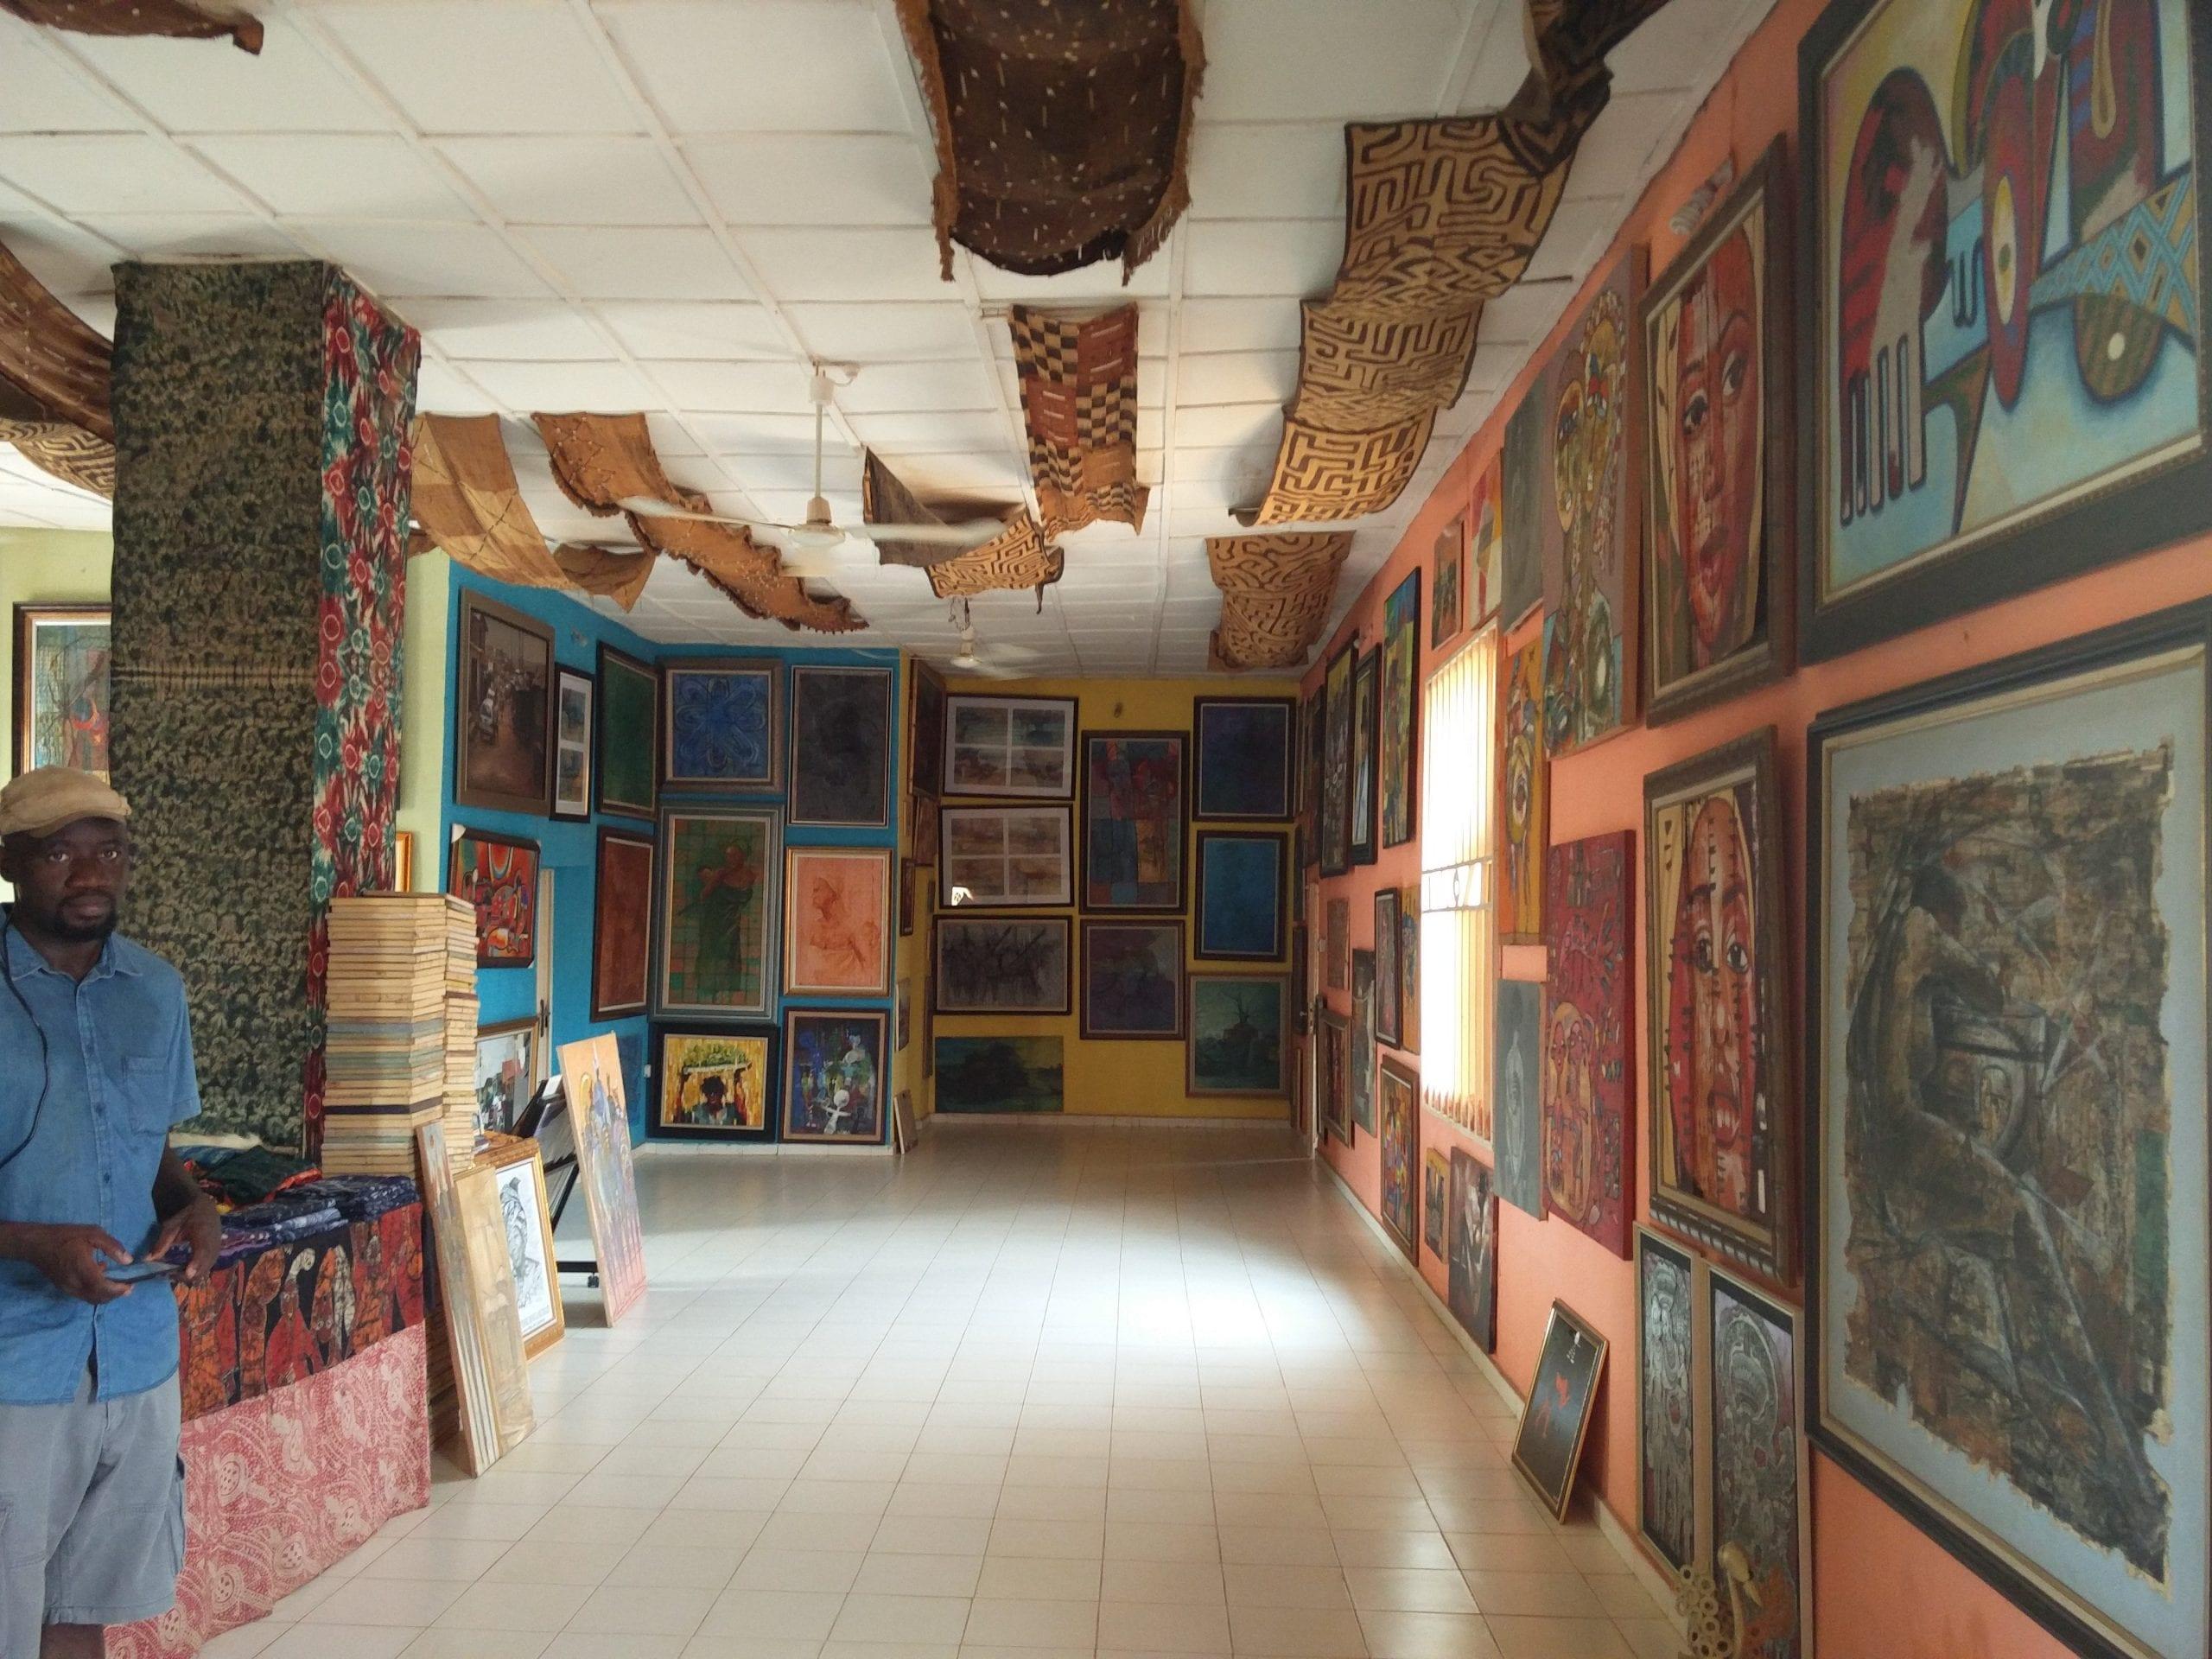 Top Art Galleries in Abuja - Nike Art Gallery and Workshop